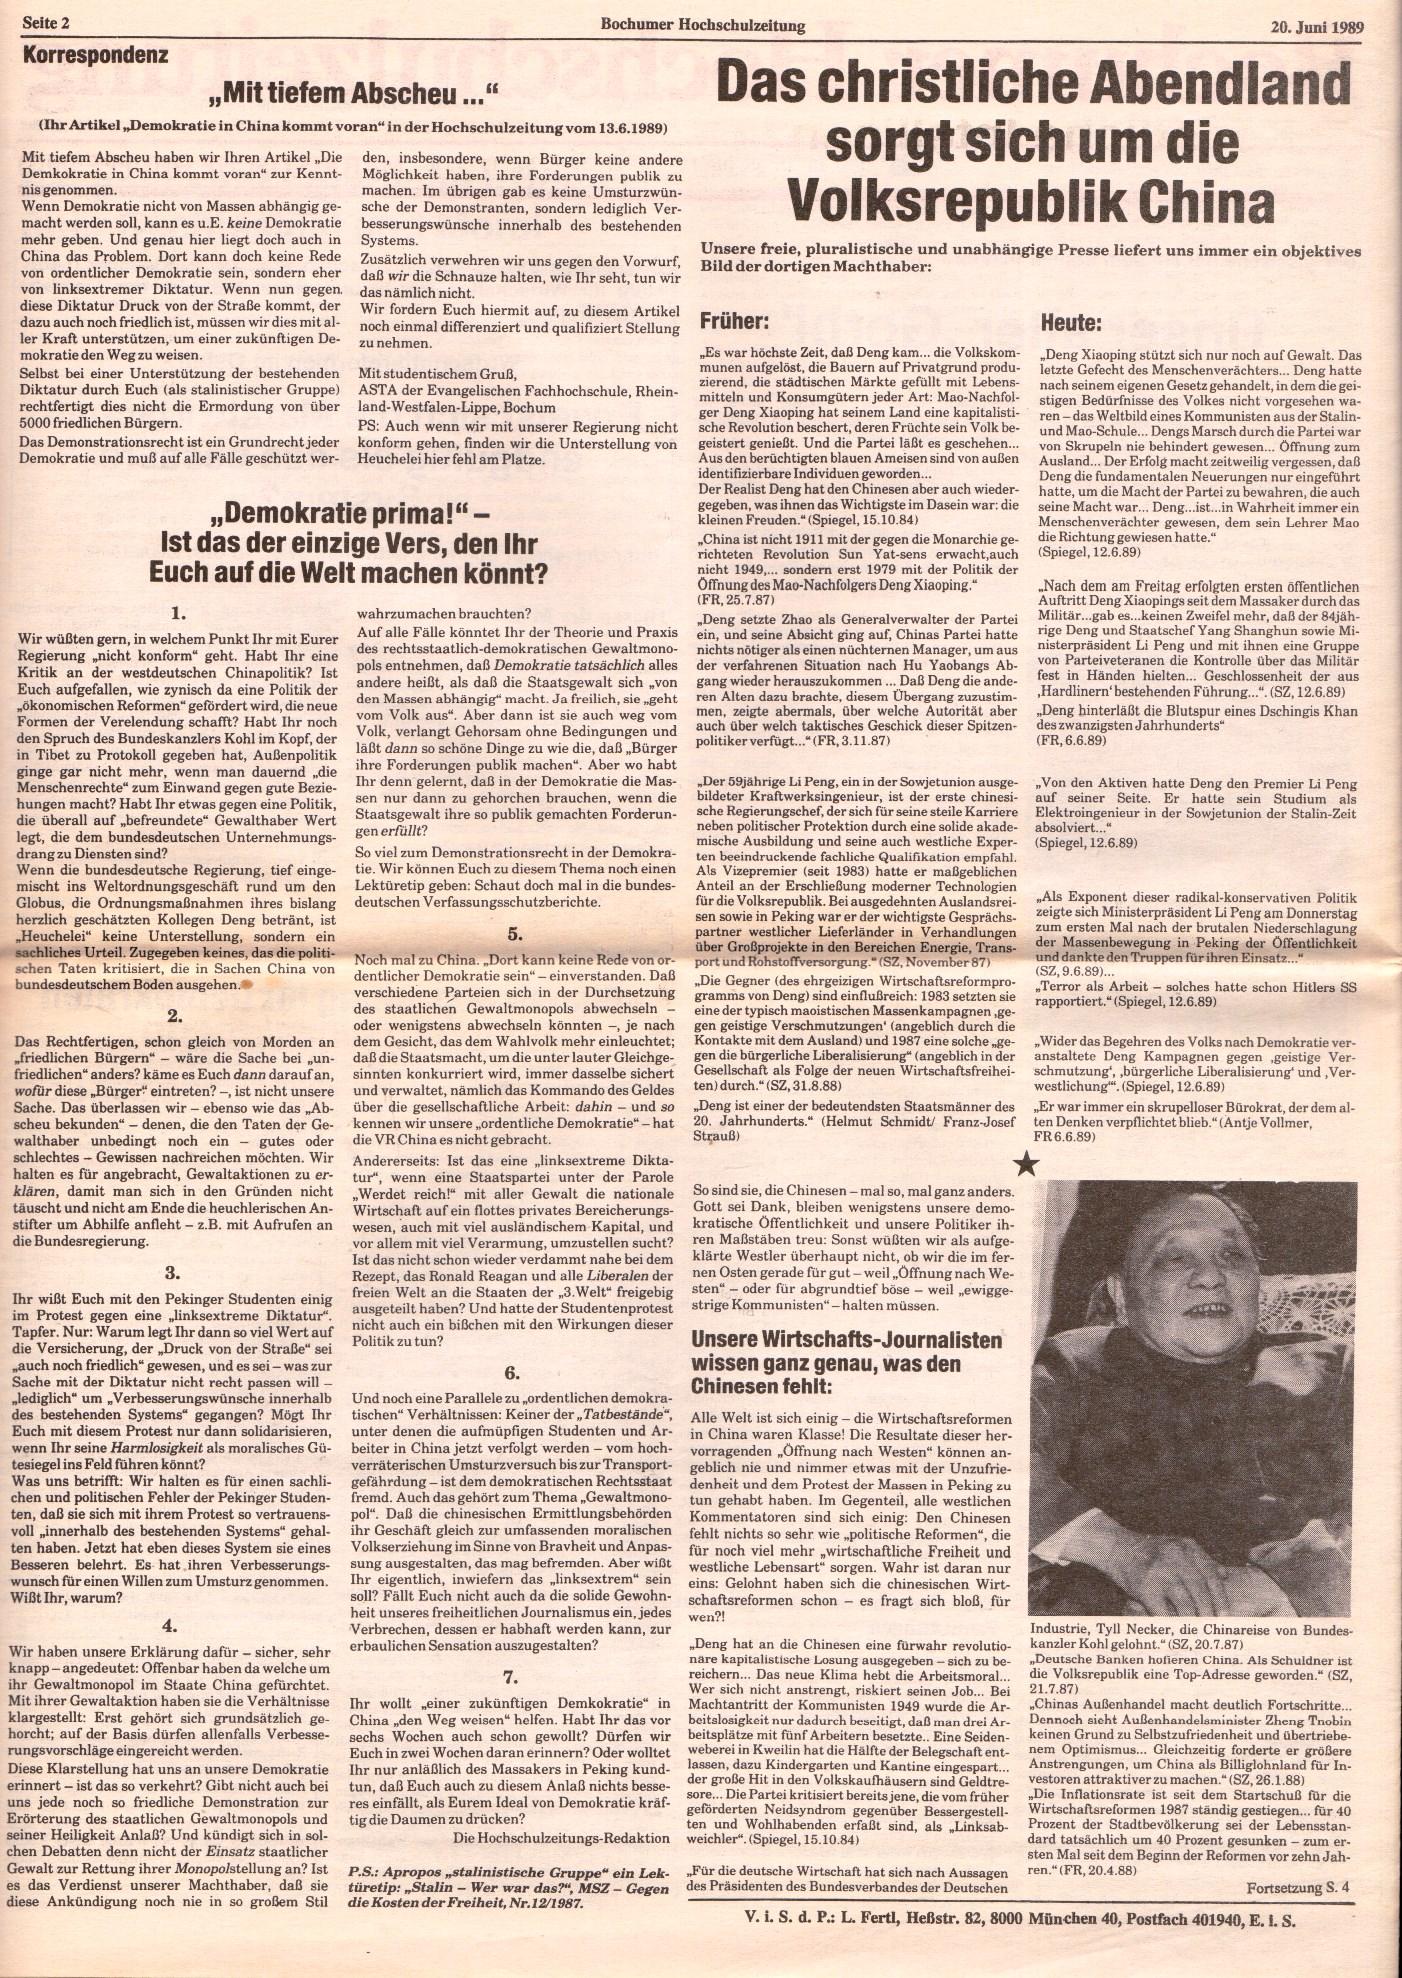 MG_Bochumer_Hochschulzeitung_19890620_02